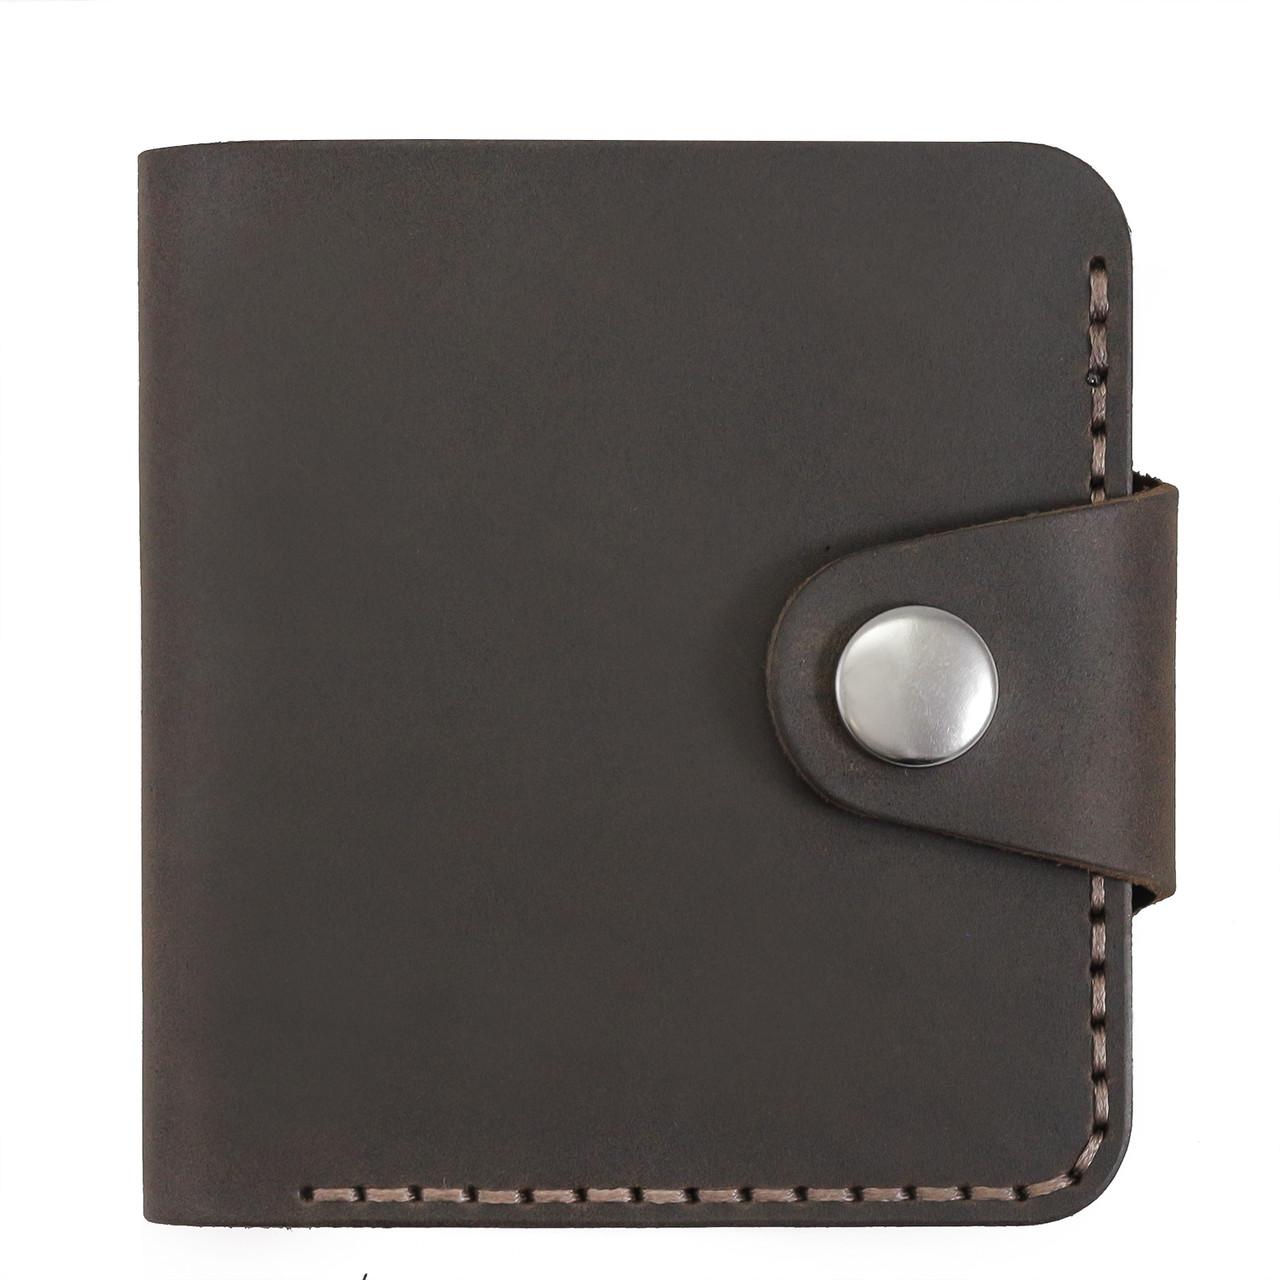 Бумажник мужской из матовой кожи ручной работы HELFORD Смит brn (roz-1133159980)